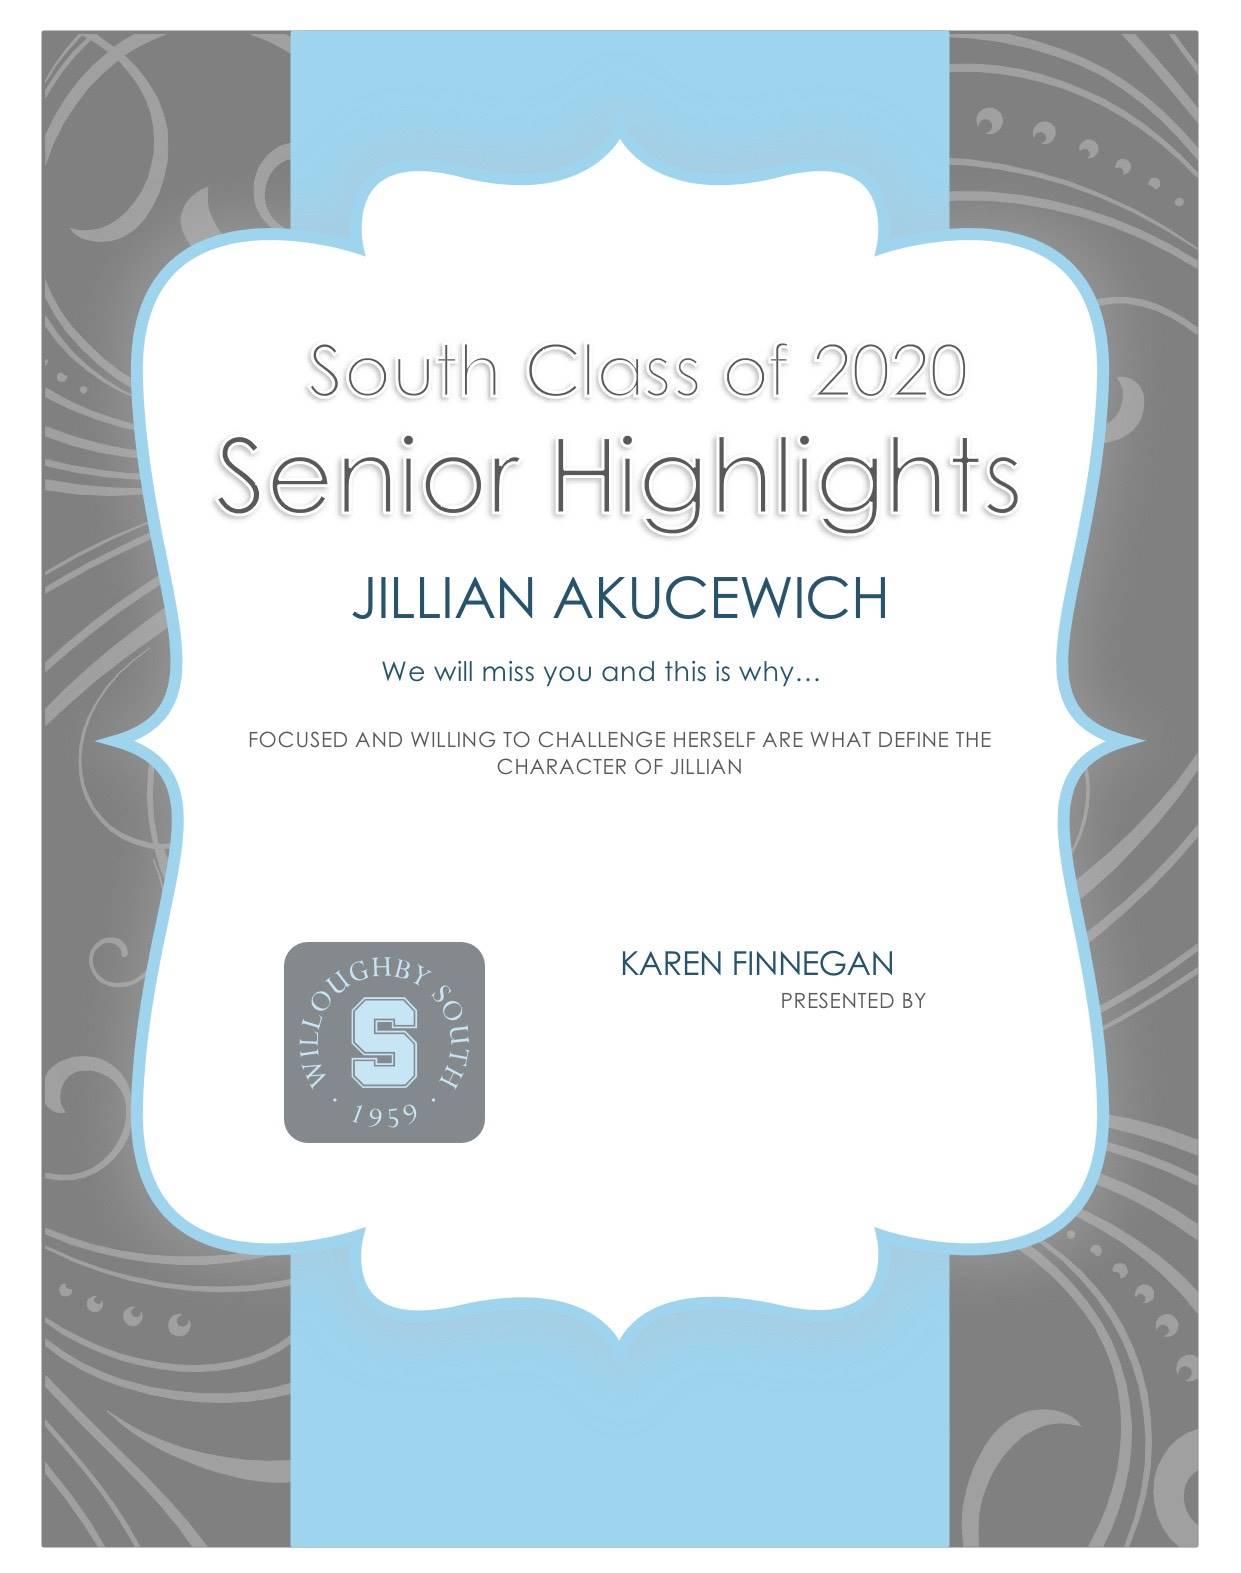 Jillian Akucewich